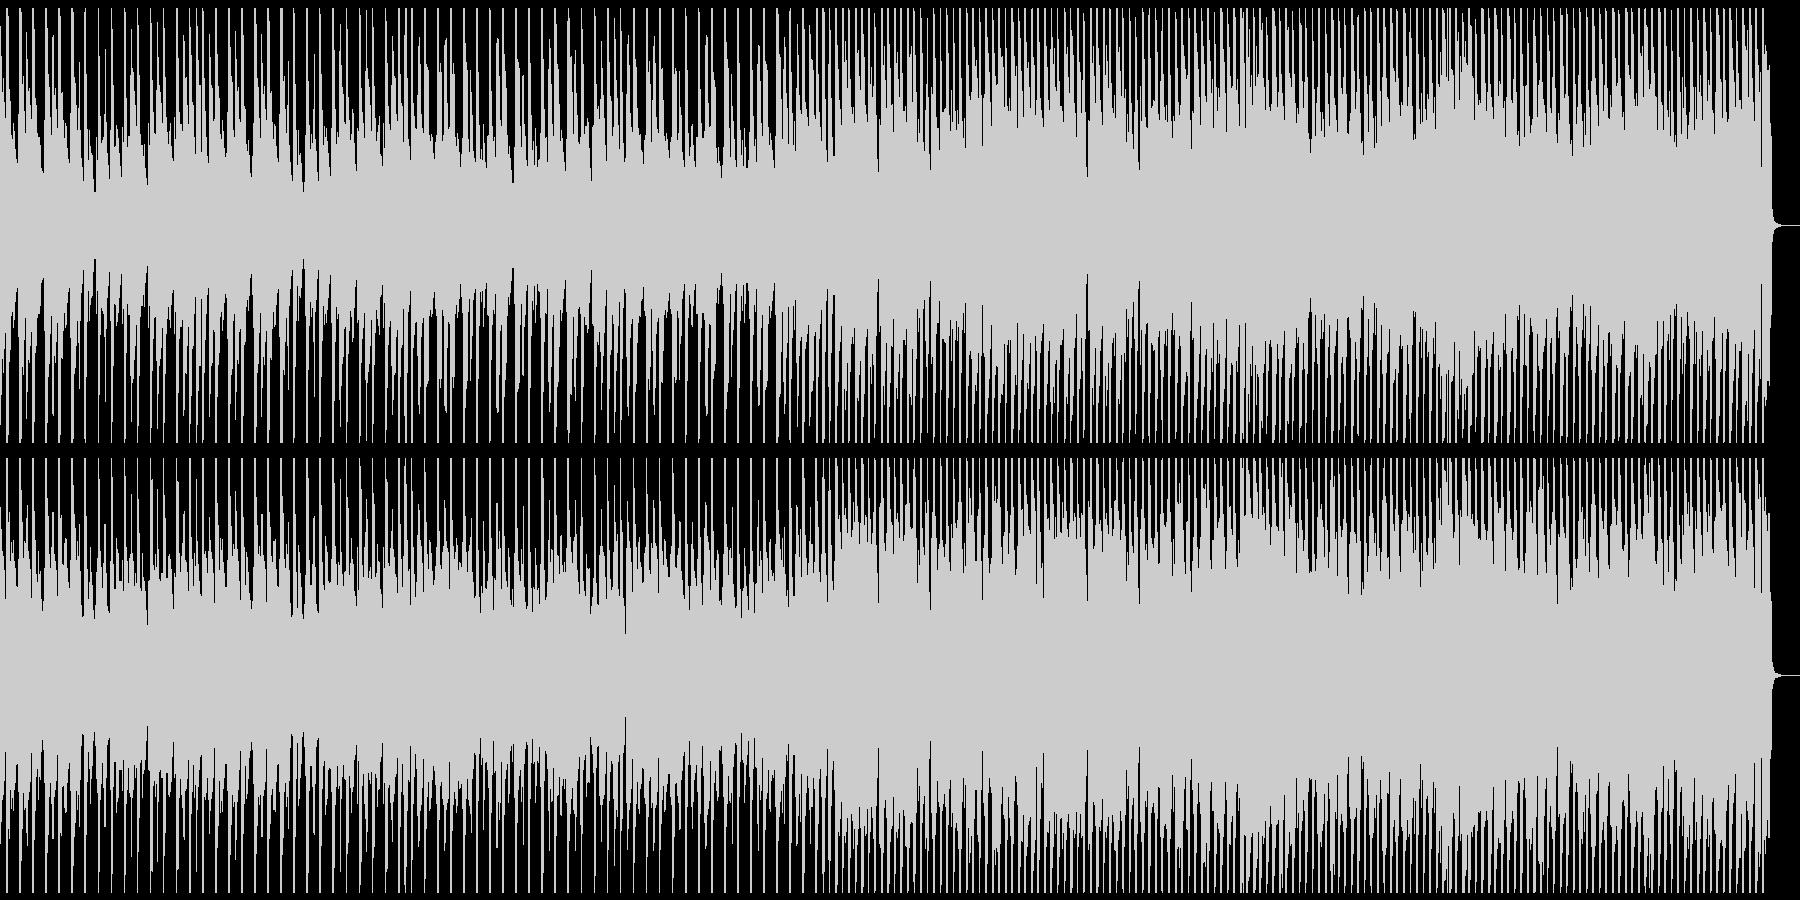 ジングルベル ゆったり南国風に メロ抜きの未再生の波形